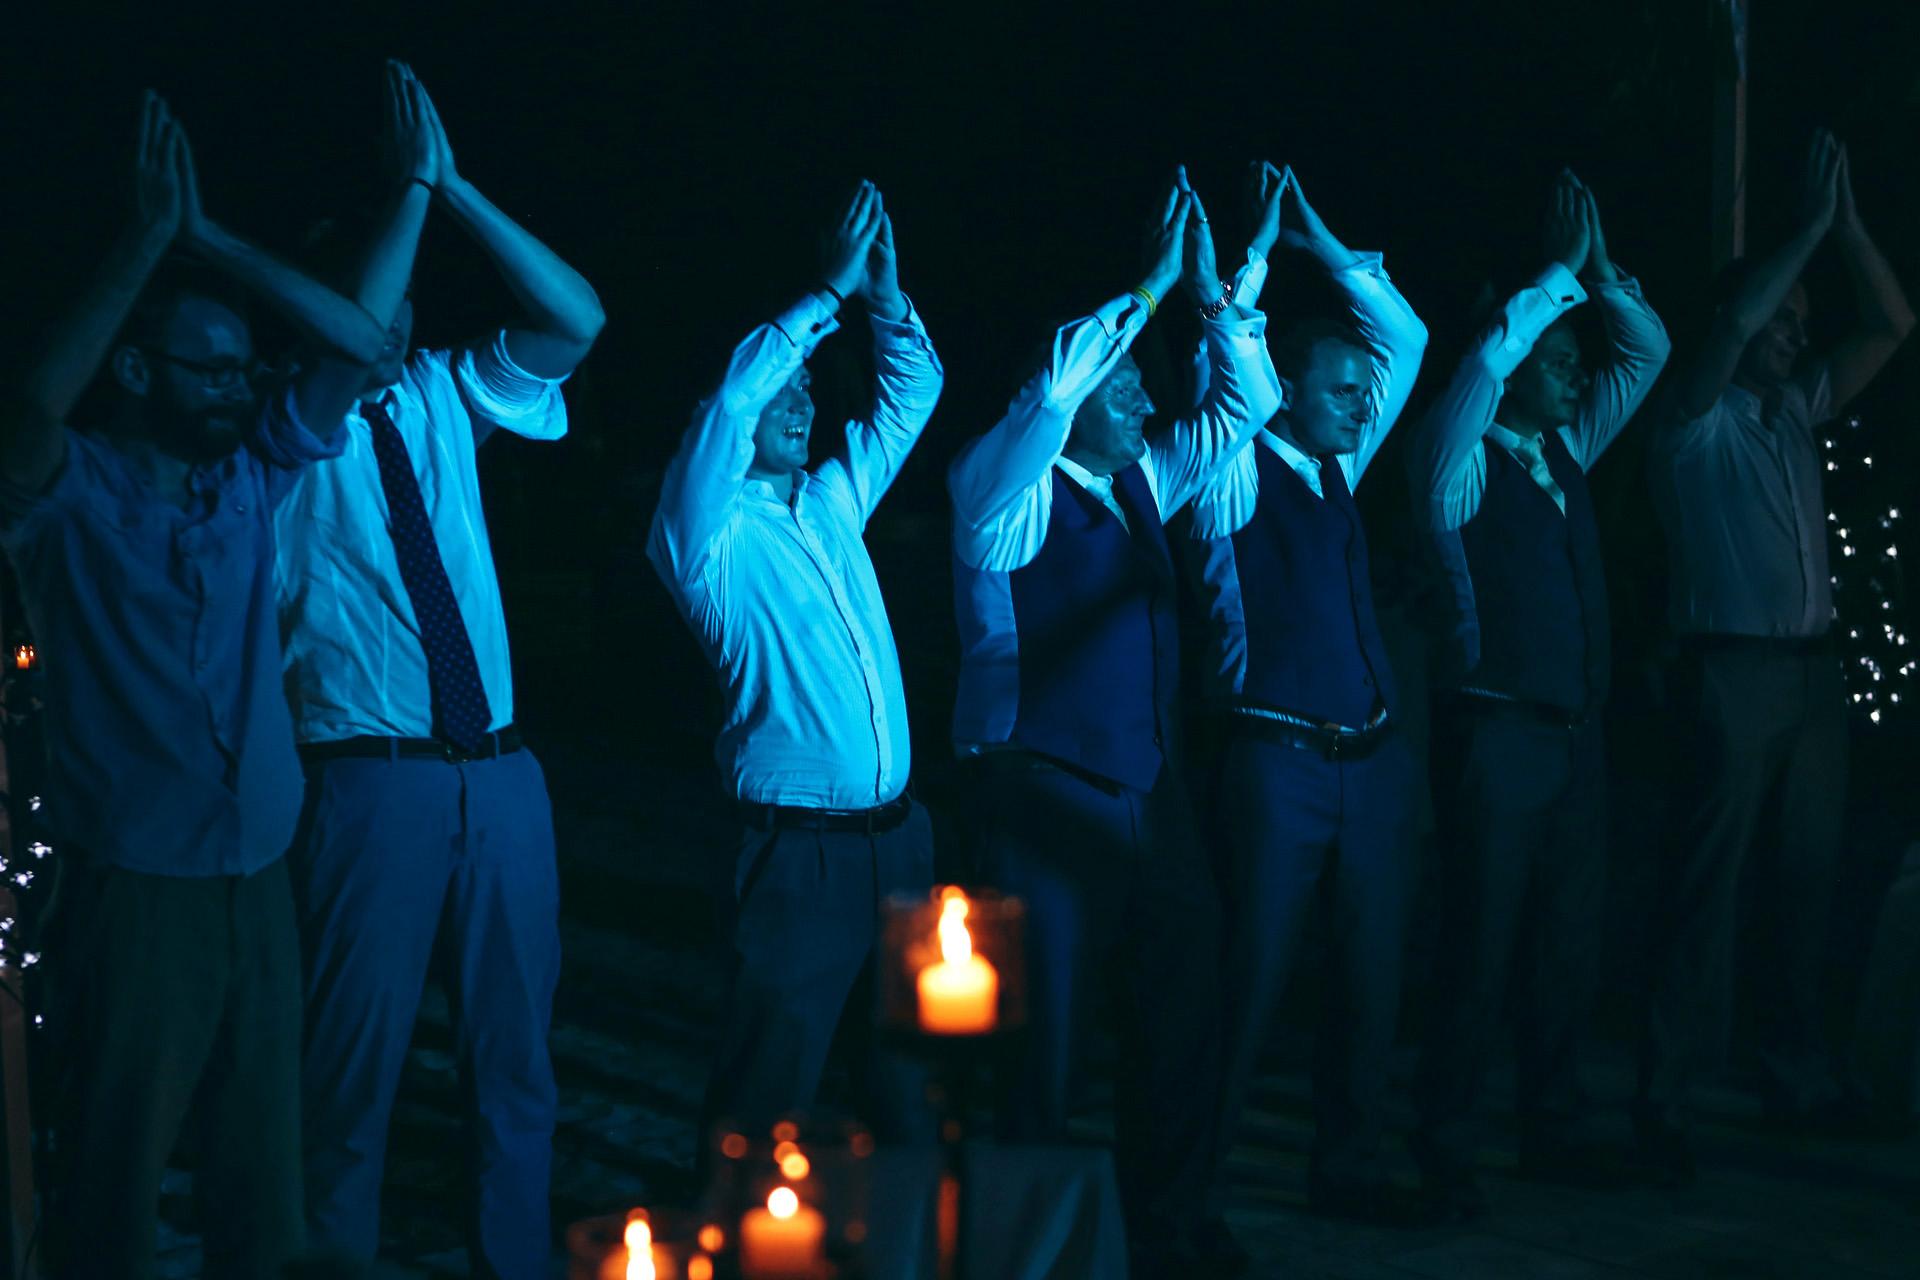 Oludeniz, Turquía Elopement Imagen de recepción de boda | En la recepción, los hombres intentan aprender a bailar la danza del vientre.